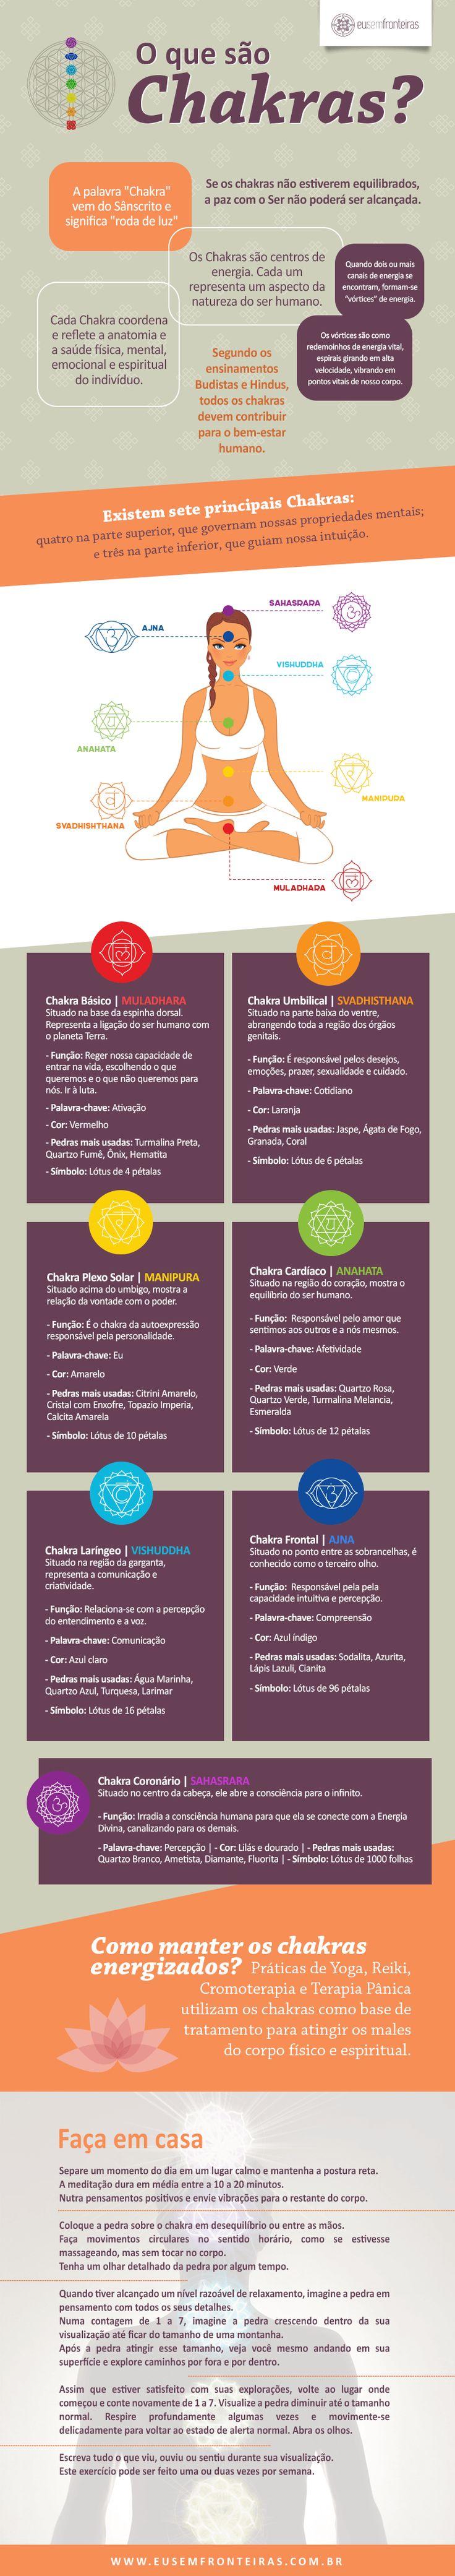 O QUE SÃO CHAKRAS? http://www.eusemfronteiras.com.br/o-que-sao-chakras/